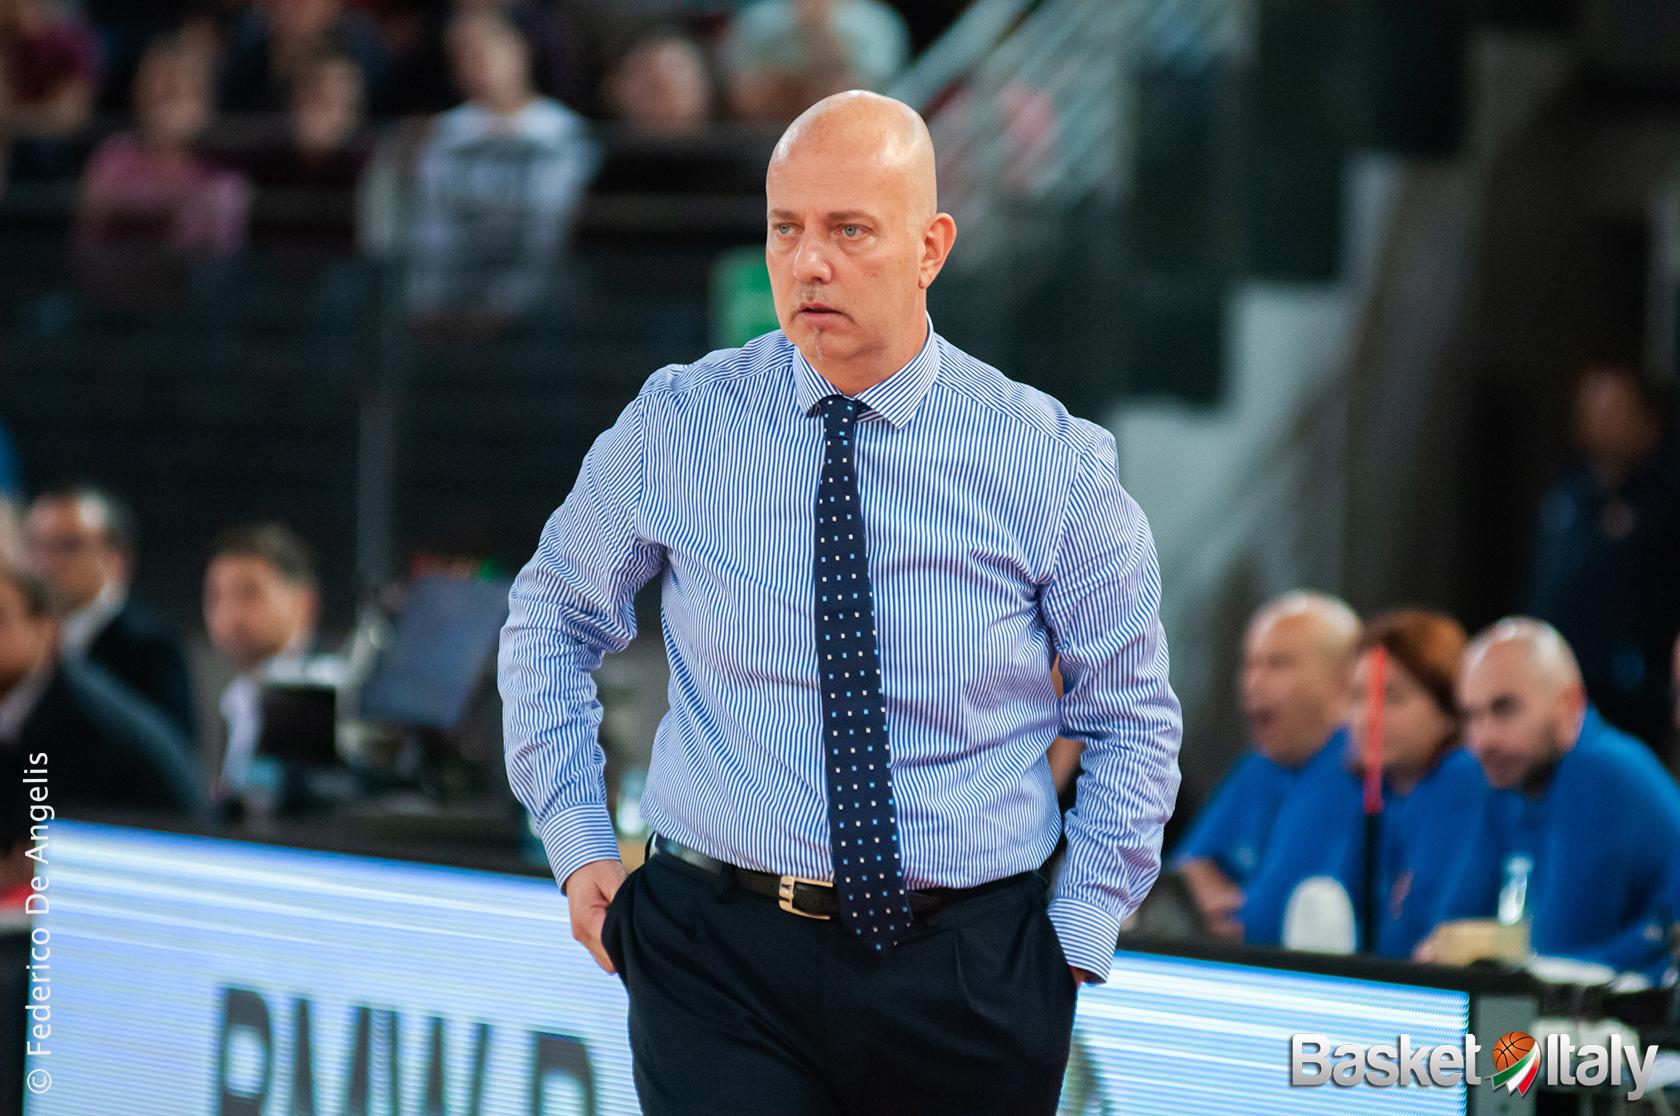 #LBA2021 – Treviso riparte da coach Menetti e da un roster che punta al salto di qualità